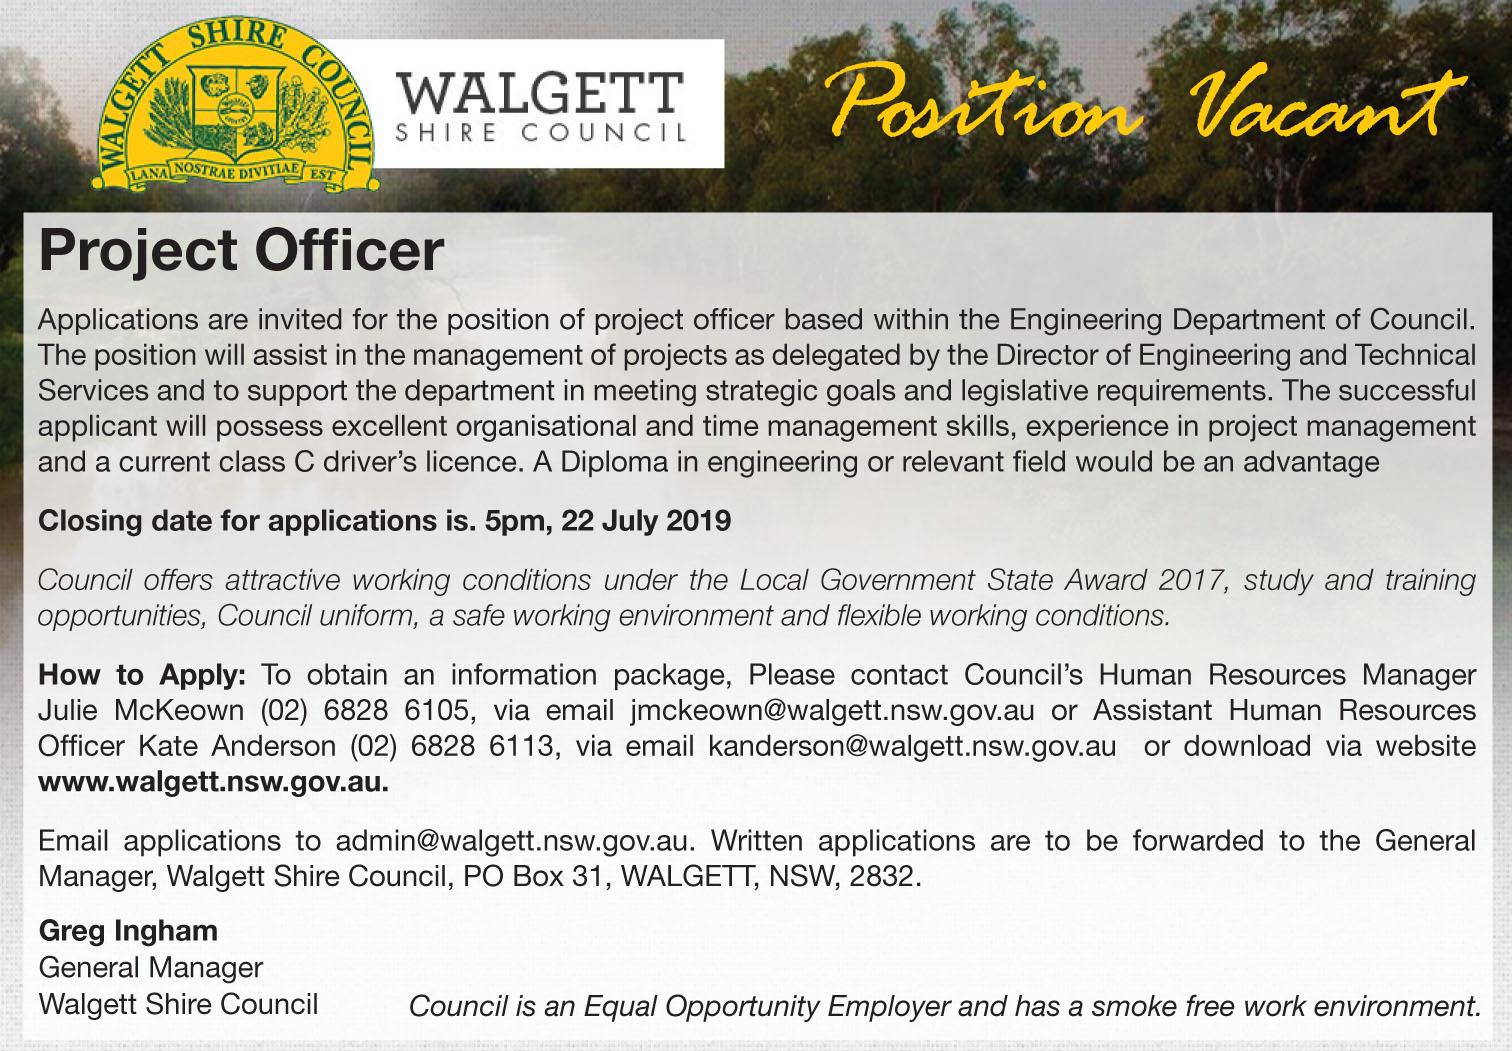 92714 NSW Walgett HPH 15 July 2019.jpg